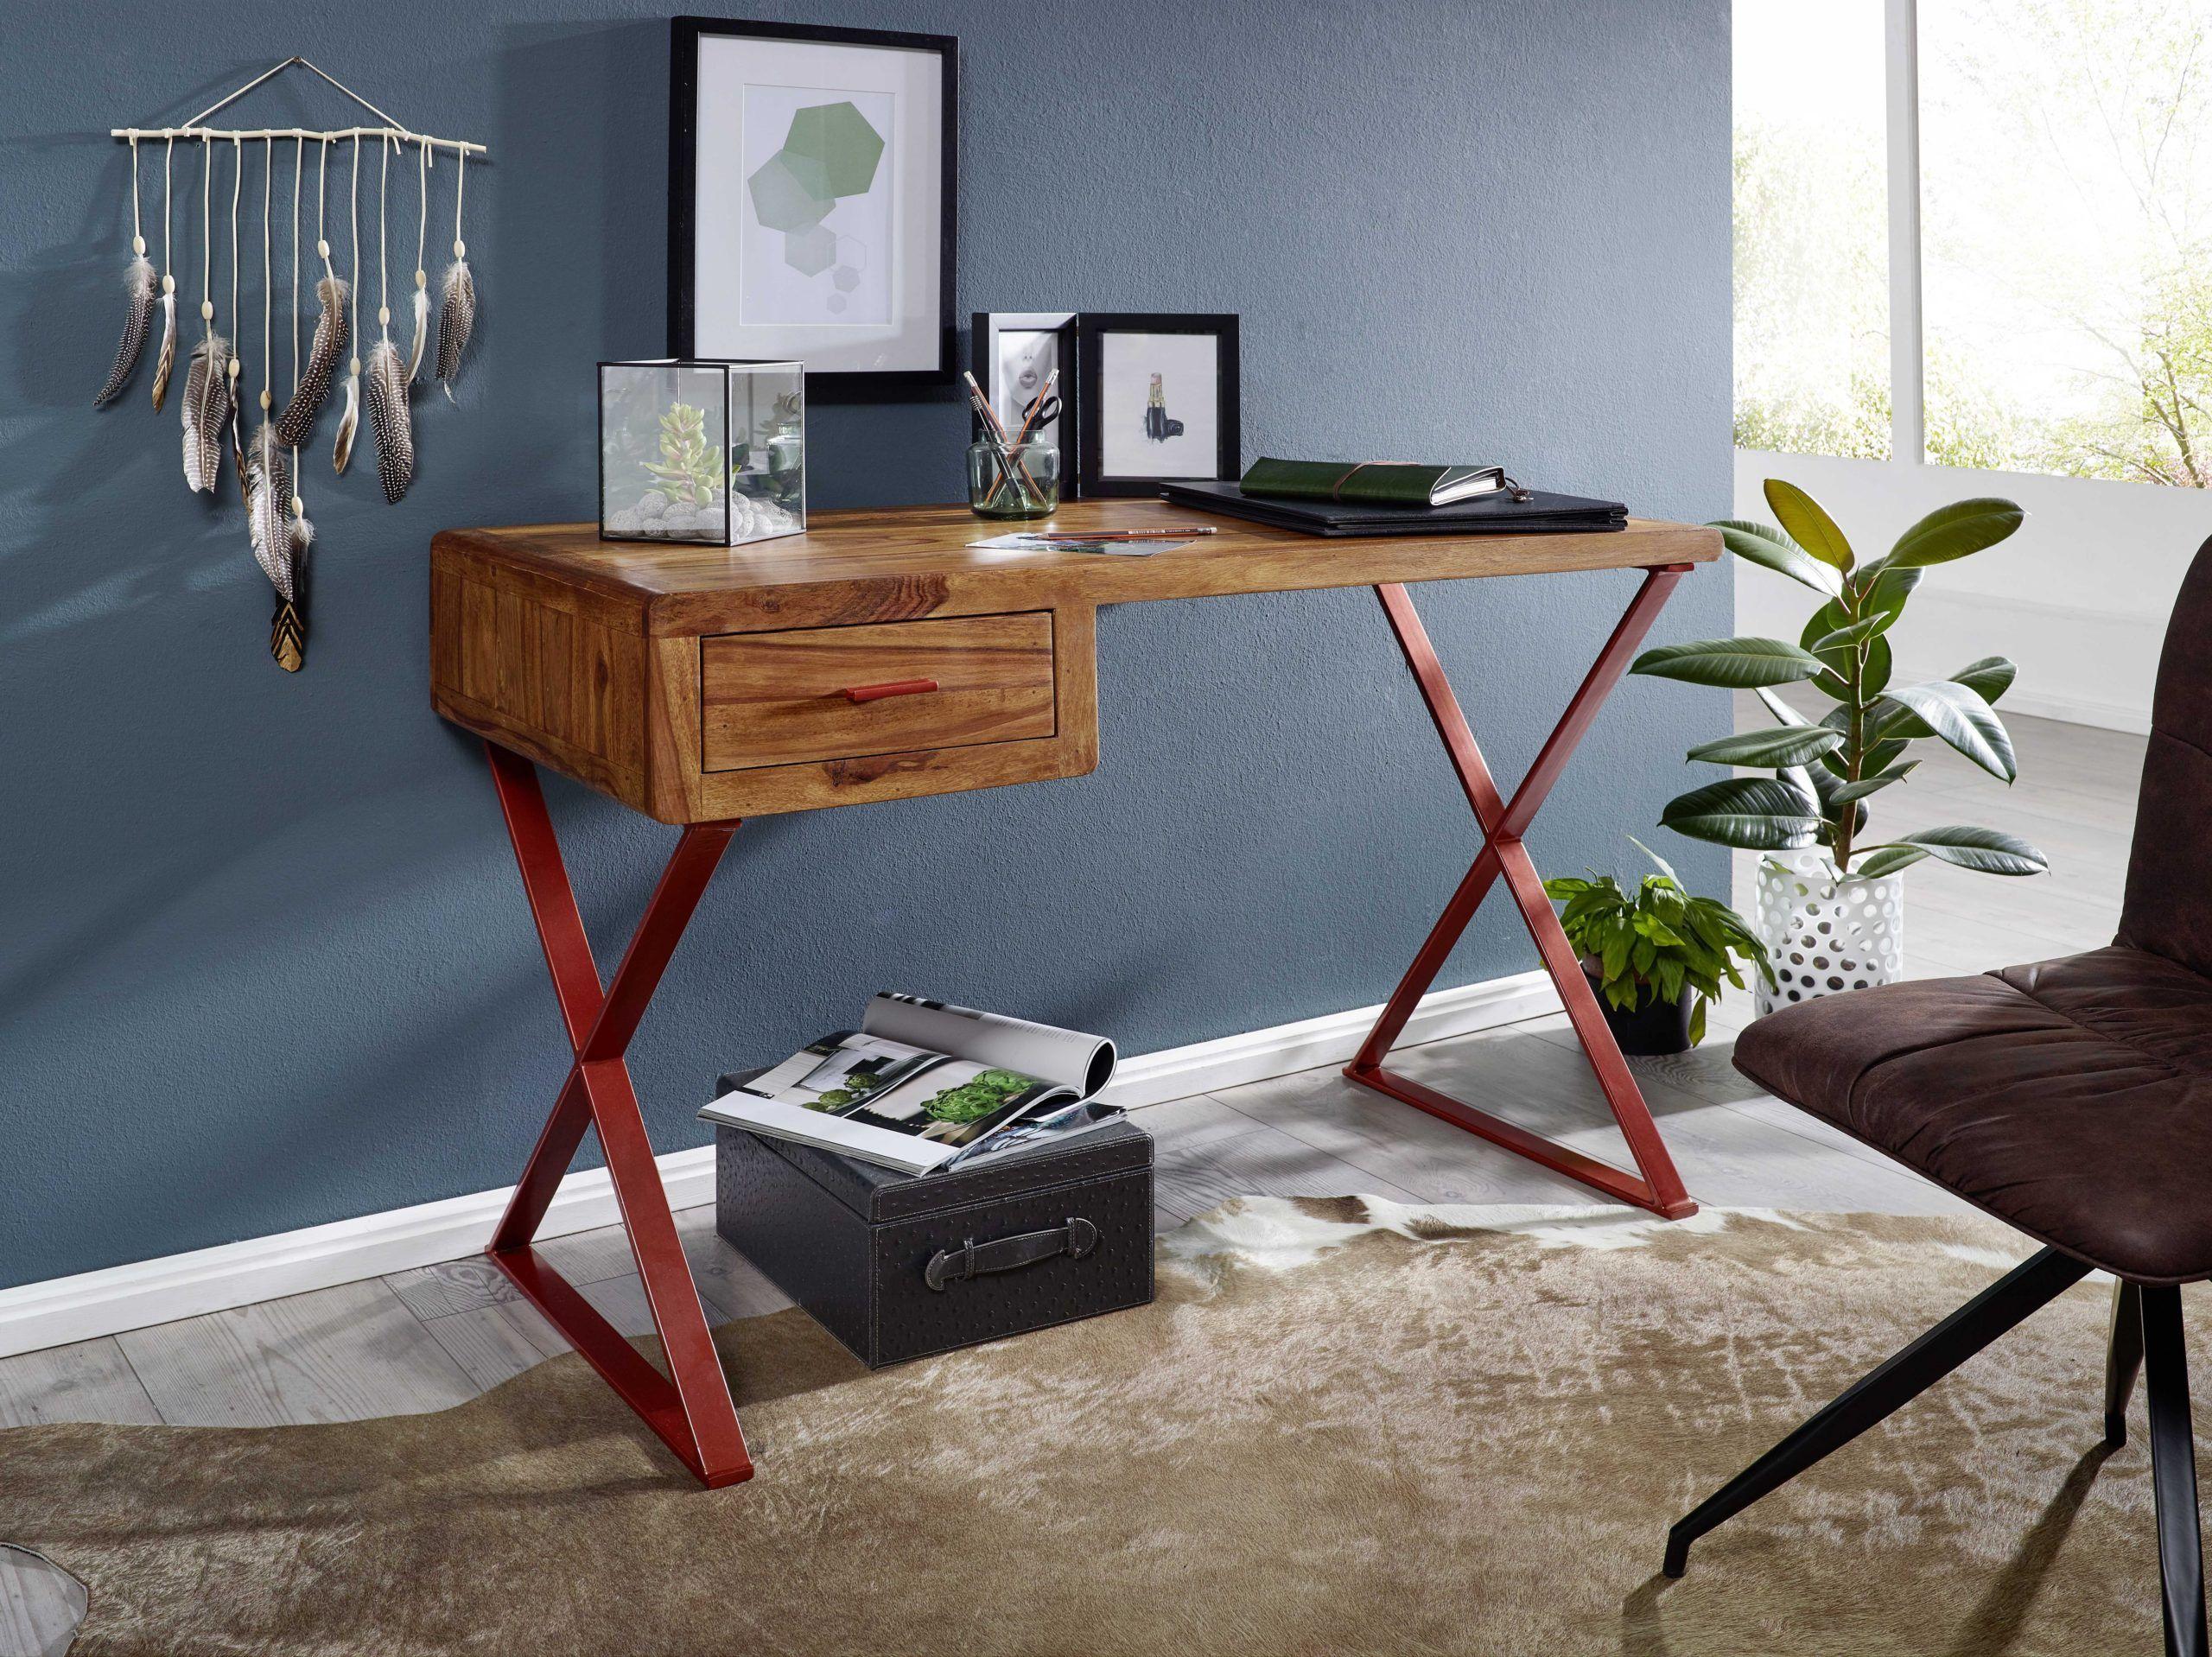 Scrivania Repa In Legno Massiccio In 2020 Furniture Table Home